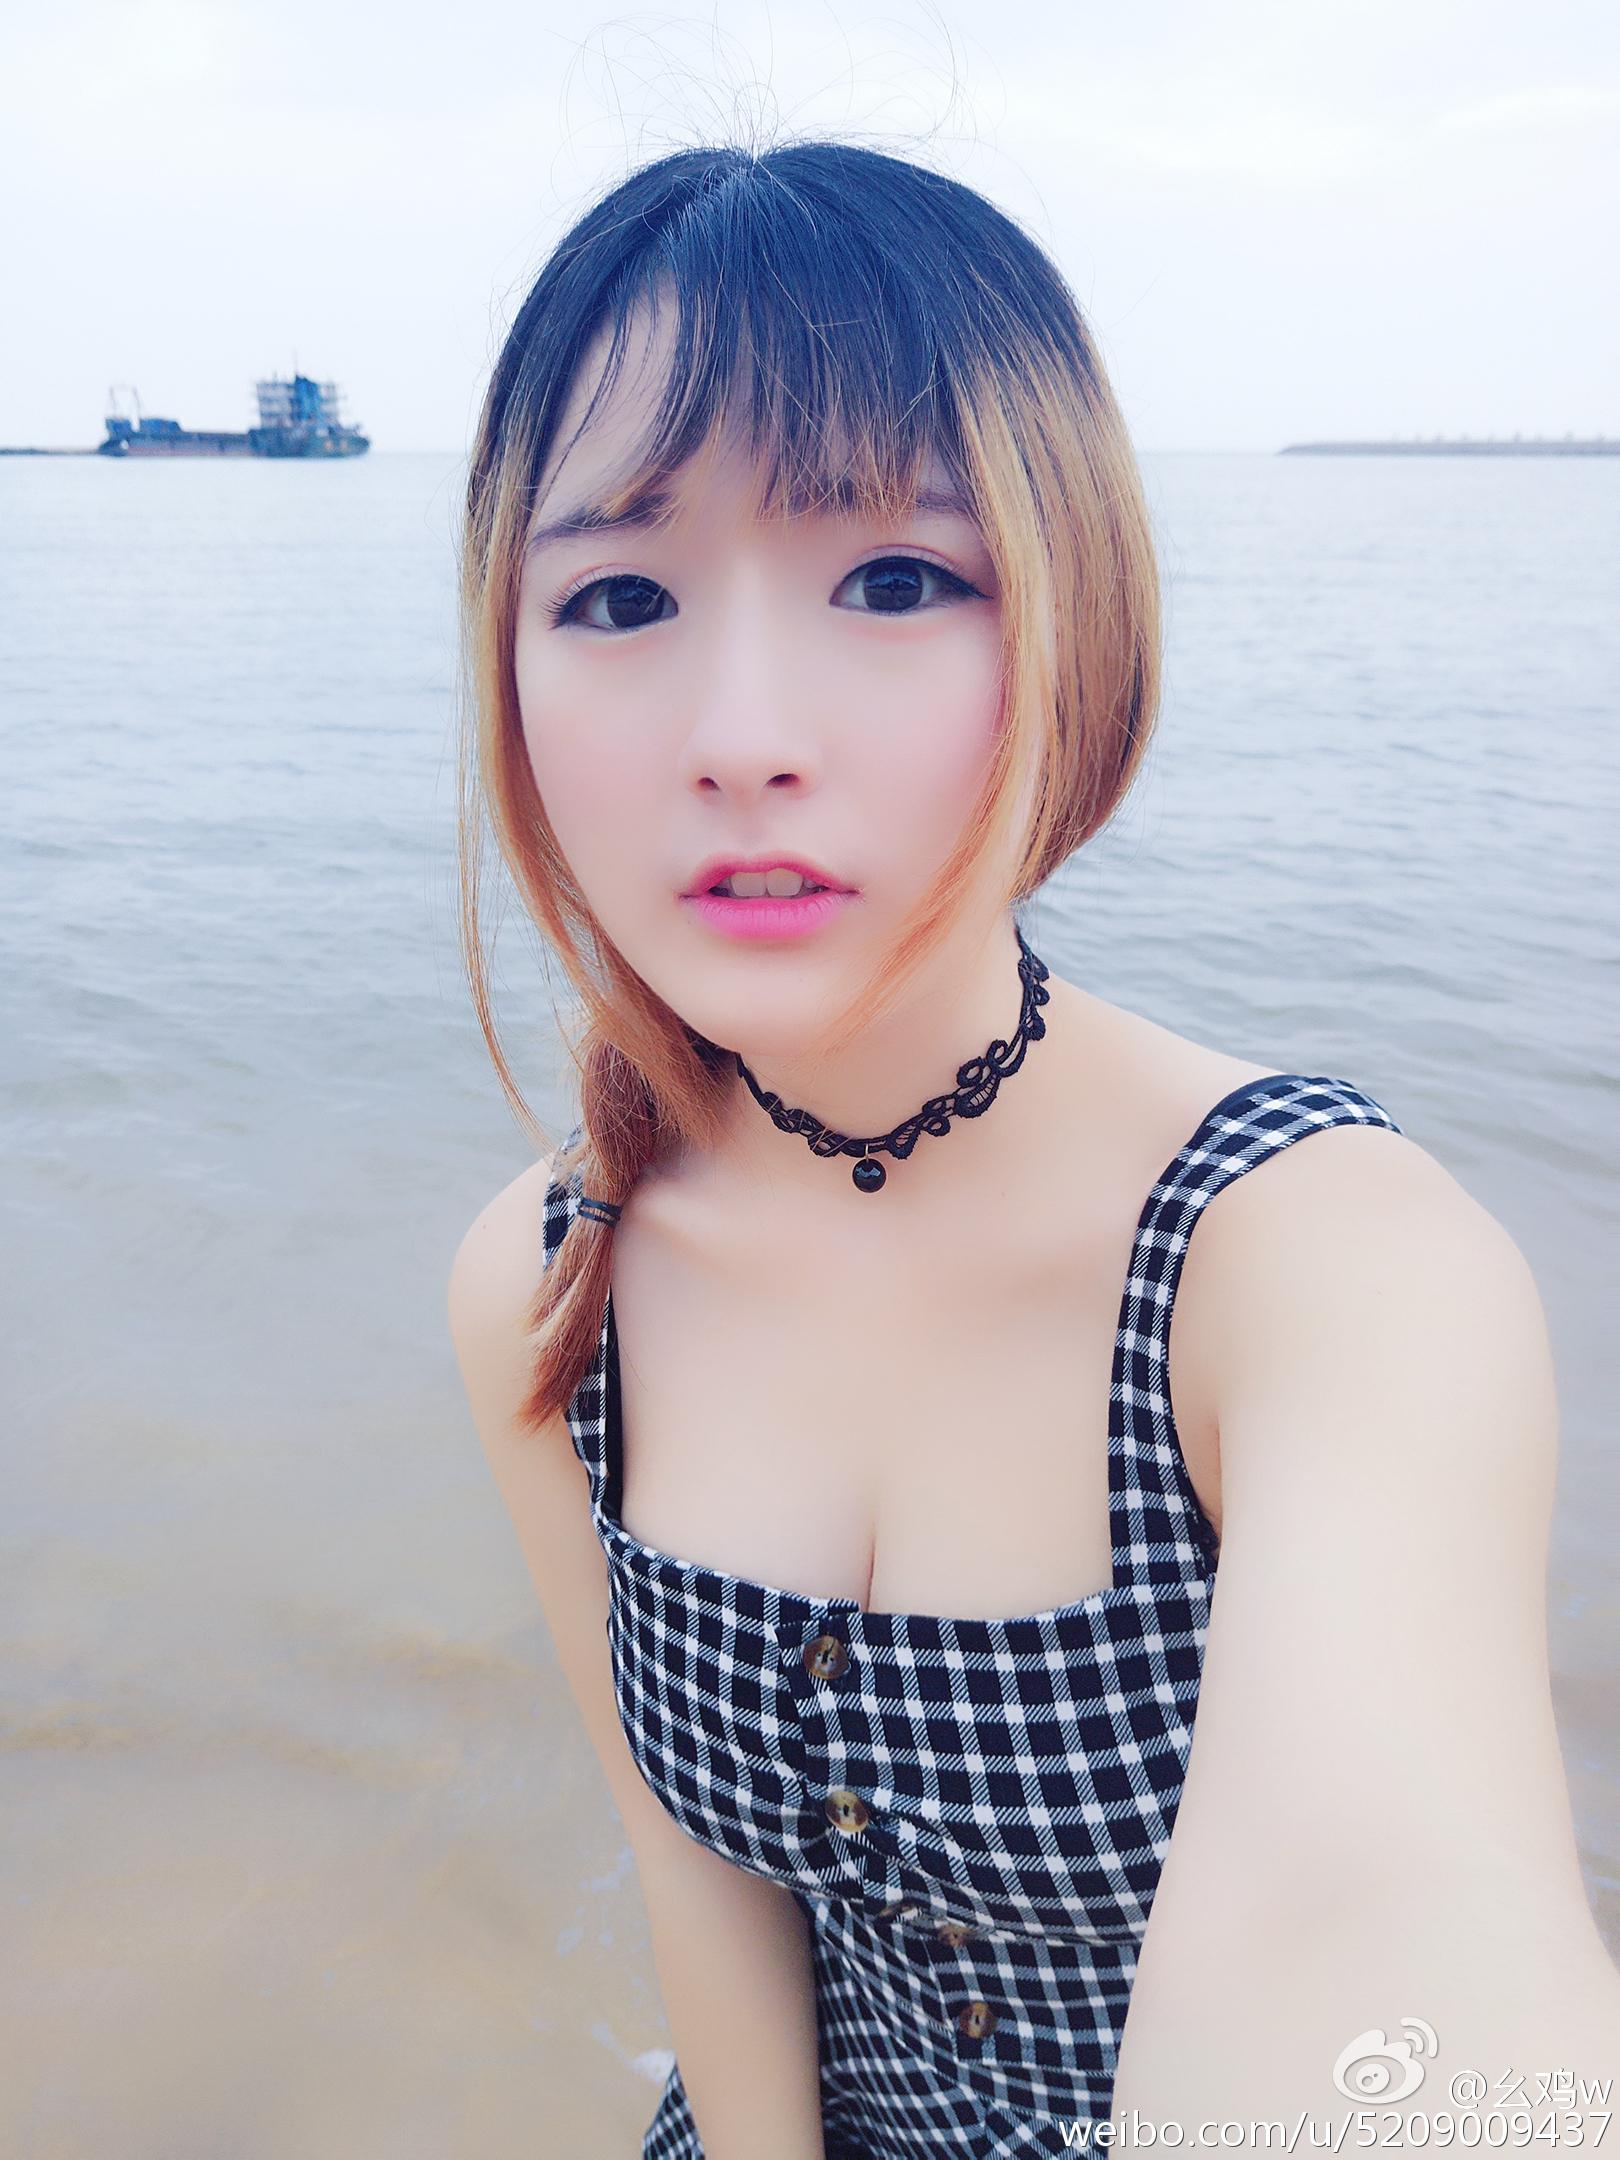 幺鸡w今天又去海边走了走 看着我女神狗拍日常❤_美女福利图片